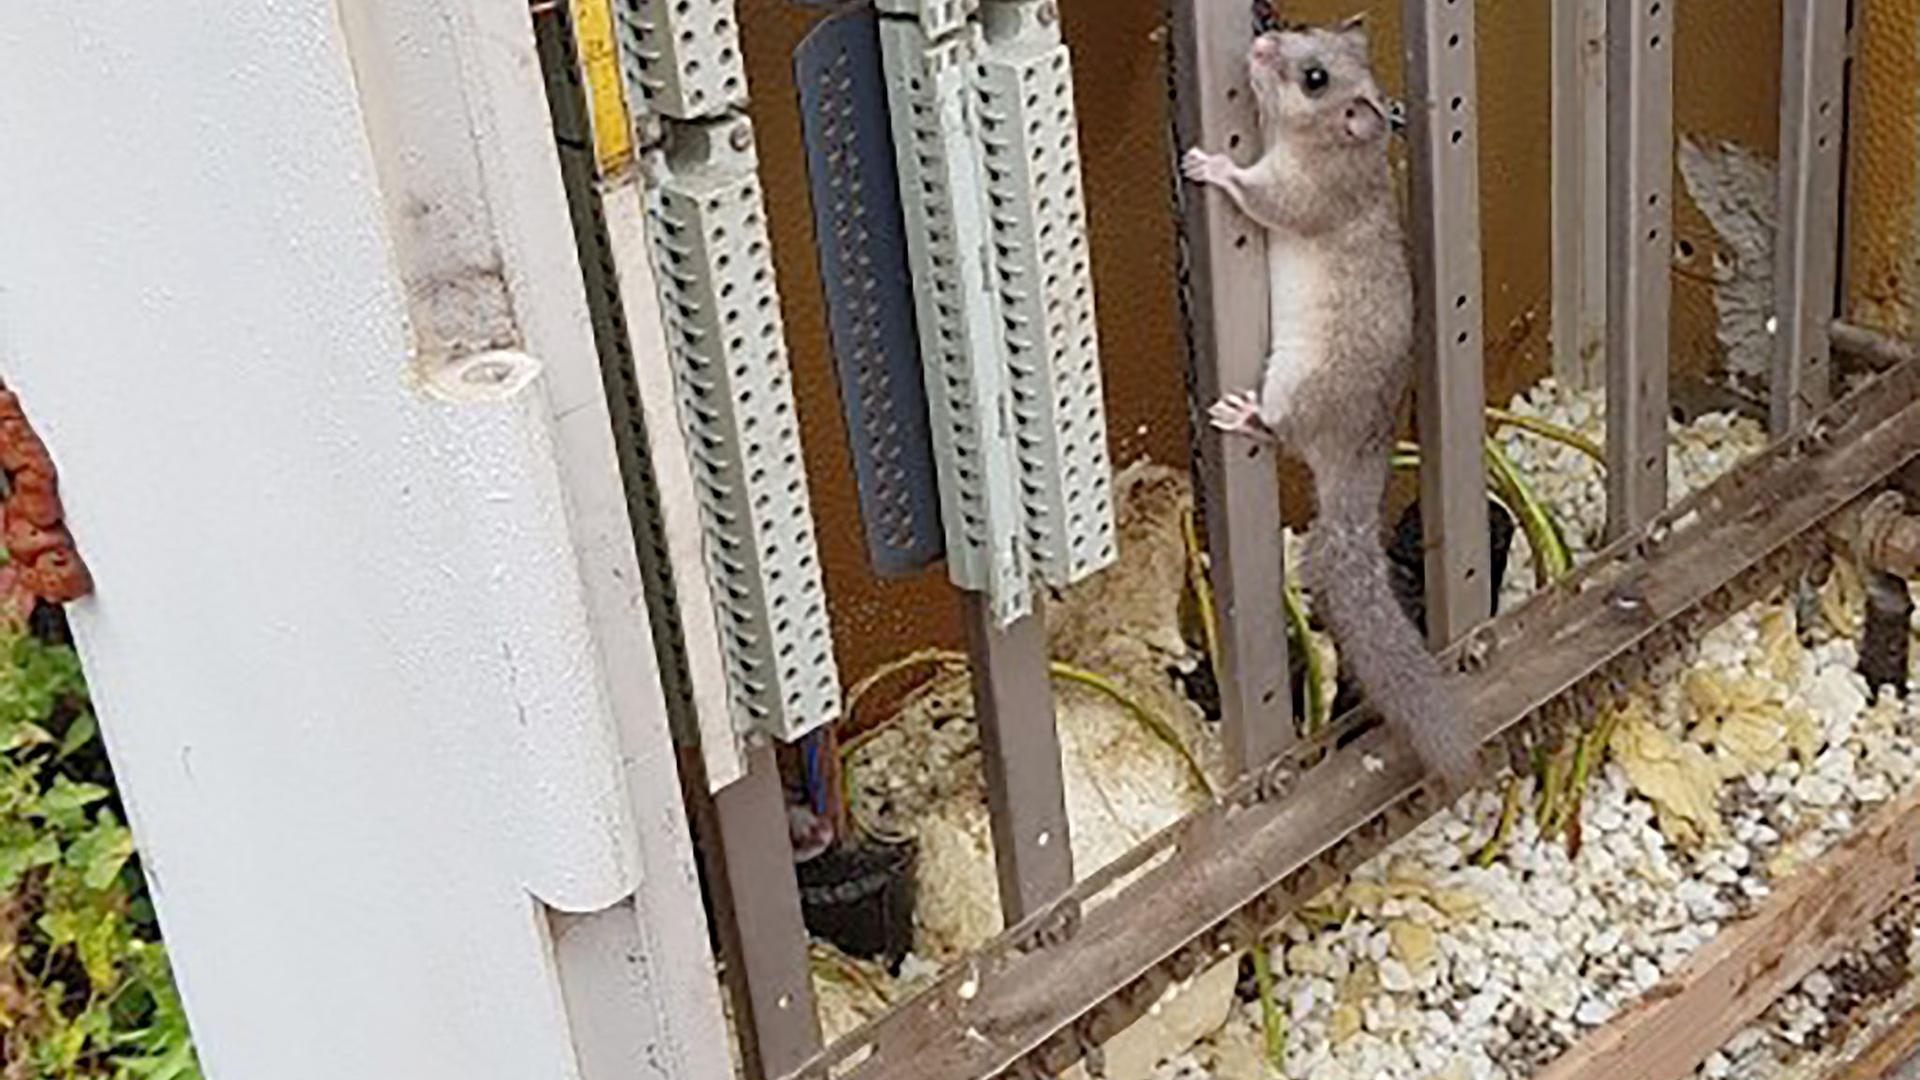 Ein Siebenschläfer klettert in einem Signalschaltkasten der Bahn.